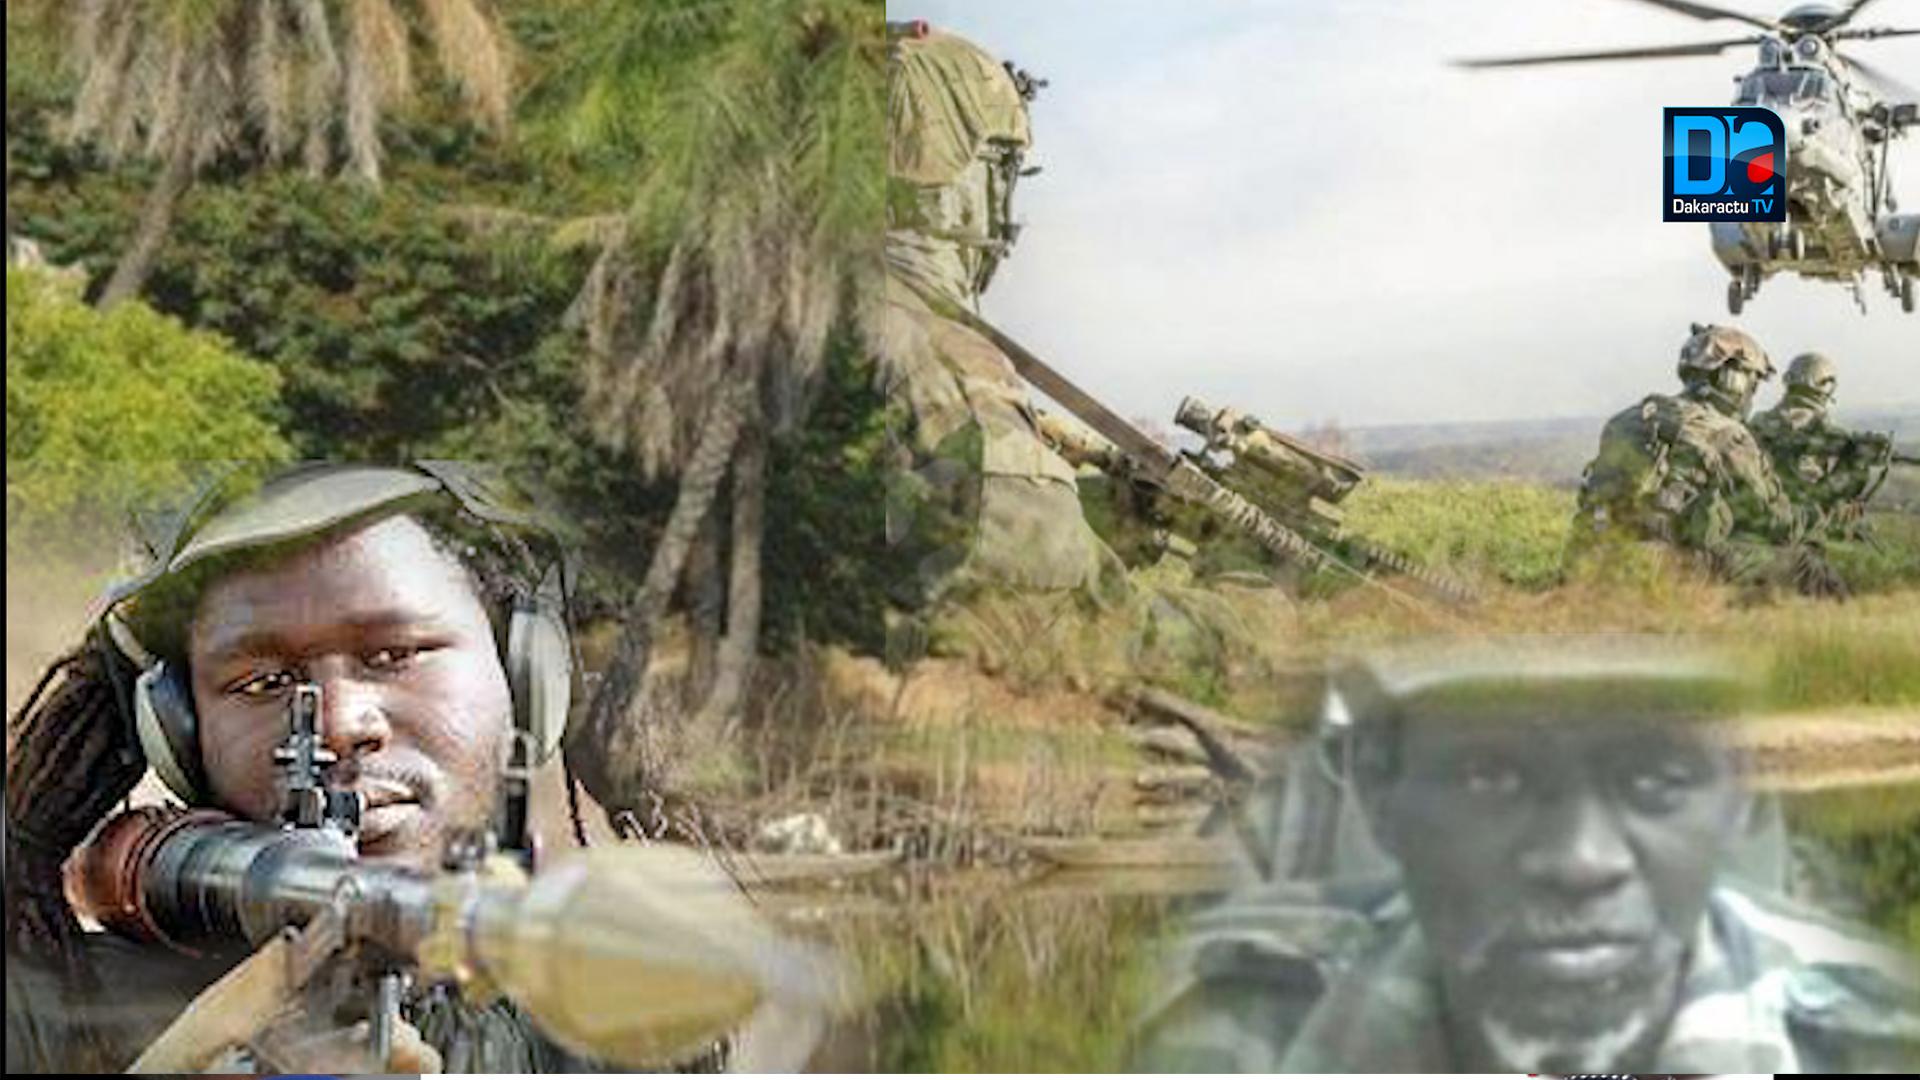 RATISSAGE DE L'ARMÉE DANS LE DÉPARTEMENT DE GOUDOMP : Focus sur le camp du front Sud-Est fondé par feu Ousmane Niantang Diatta